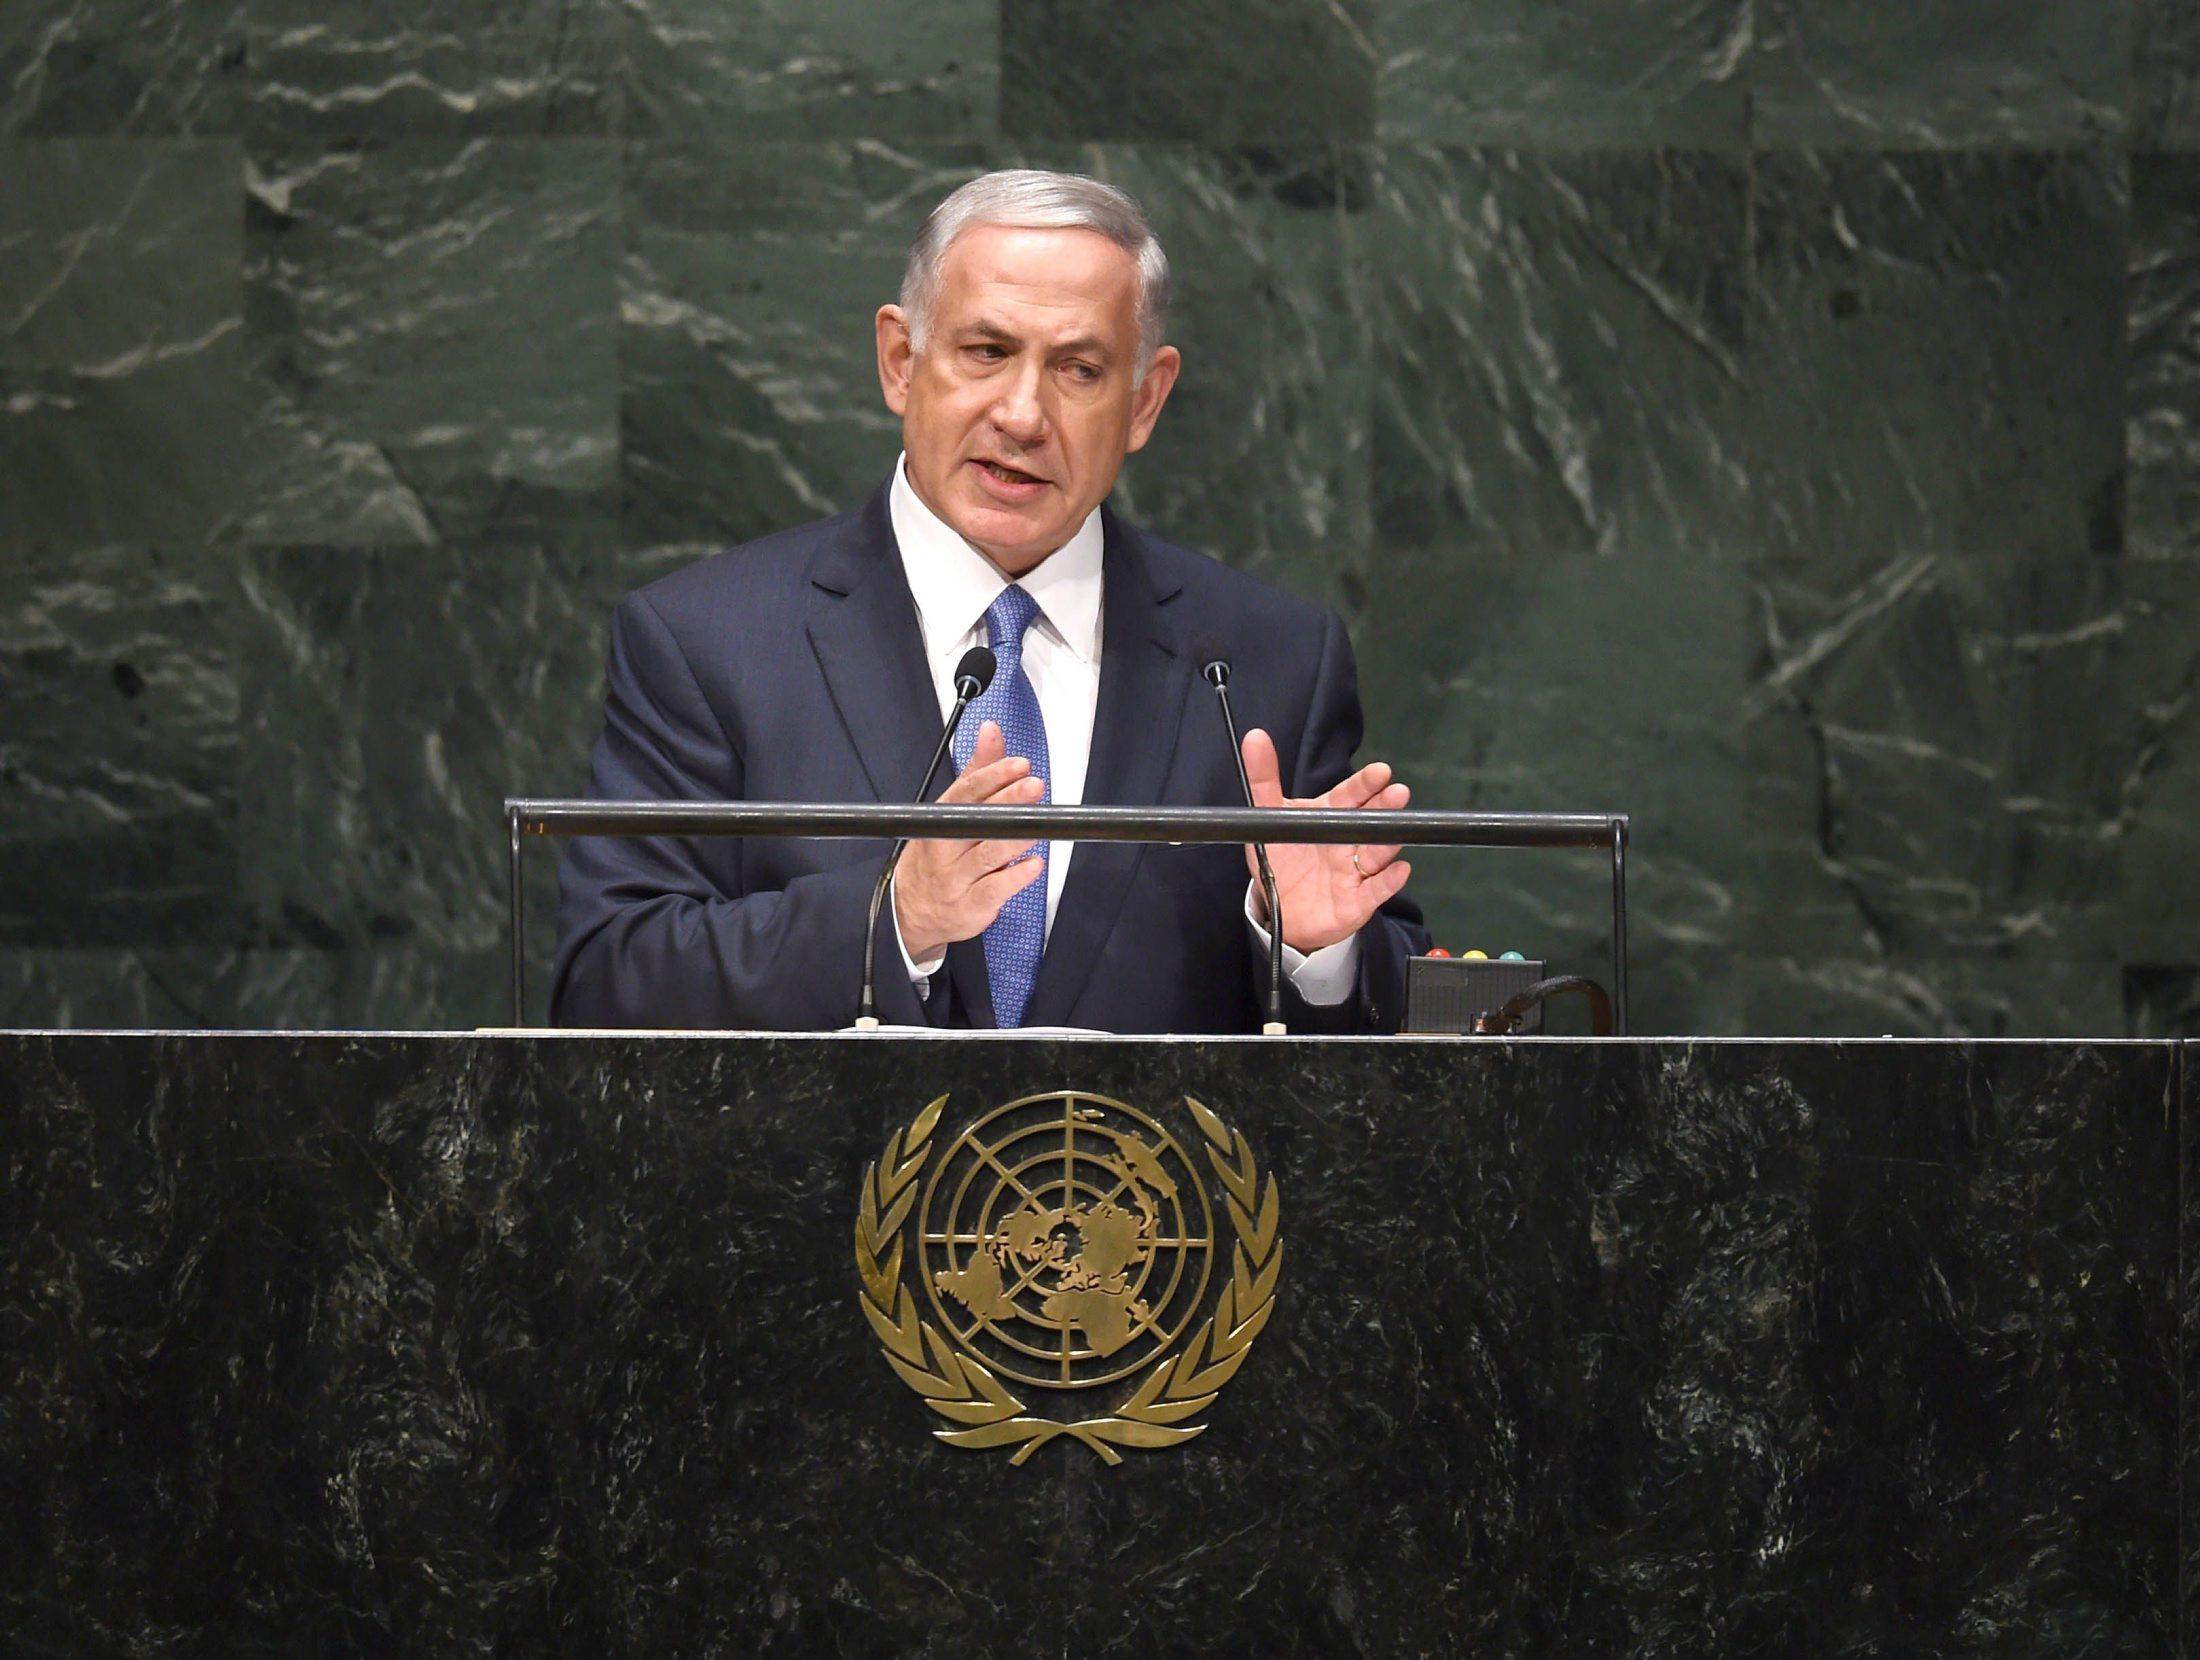 نتانياهو أمام الجمعية العامة: الشراكة مع العالم العربي تقود لاتفاق إسرائيلي فلسطيني